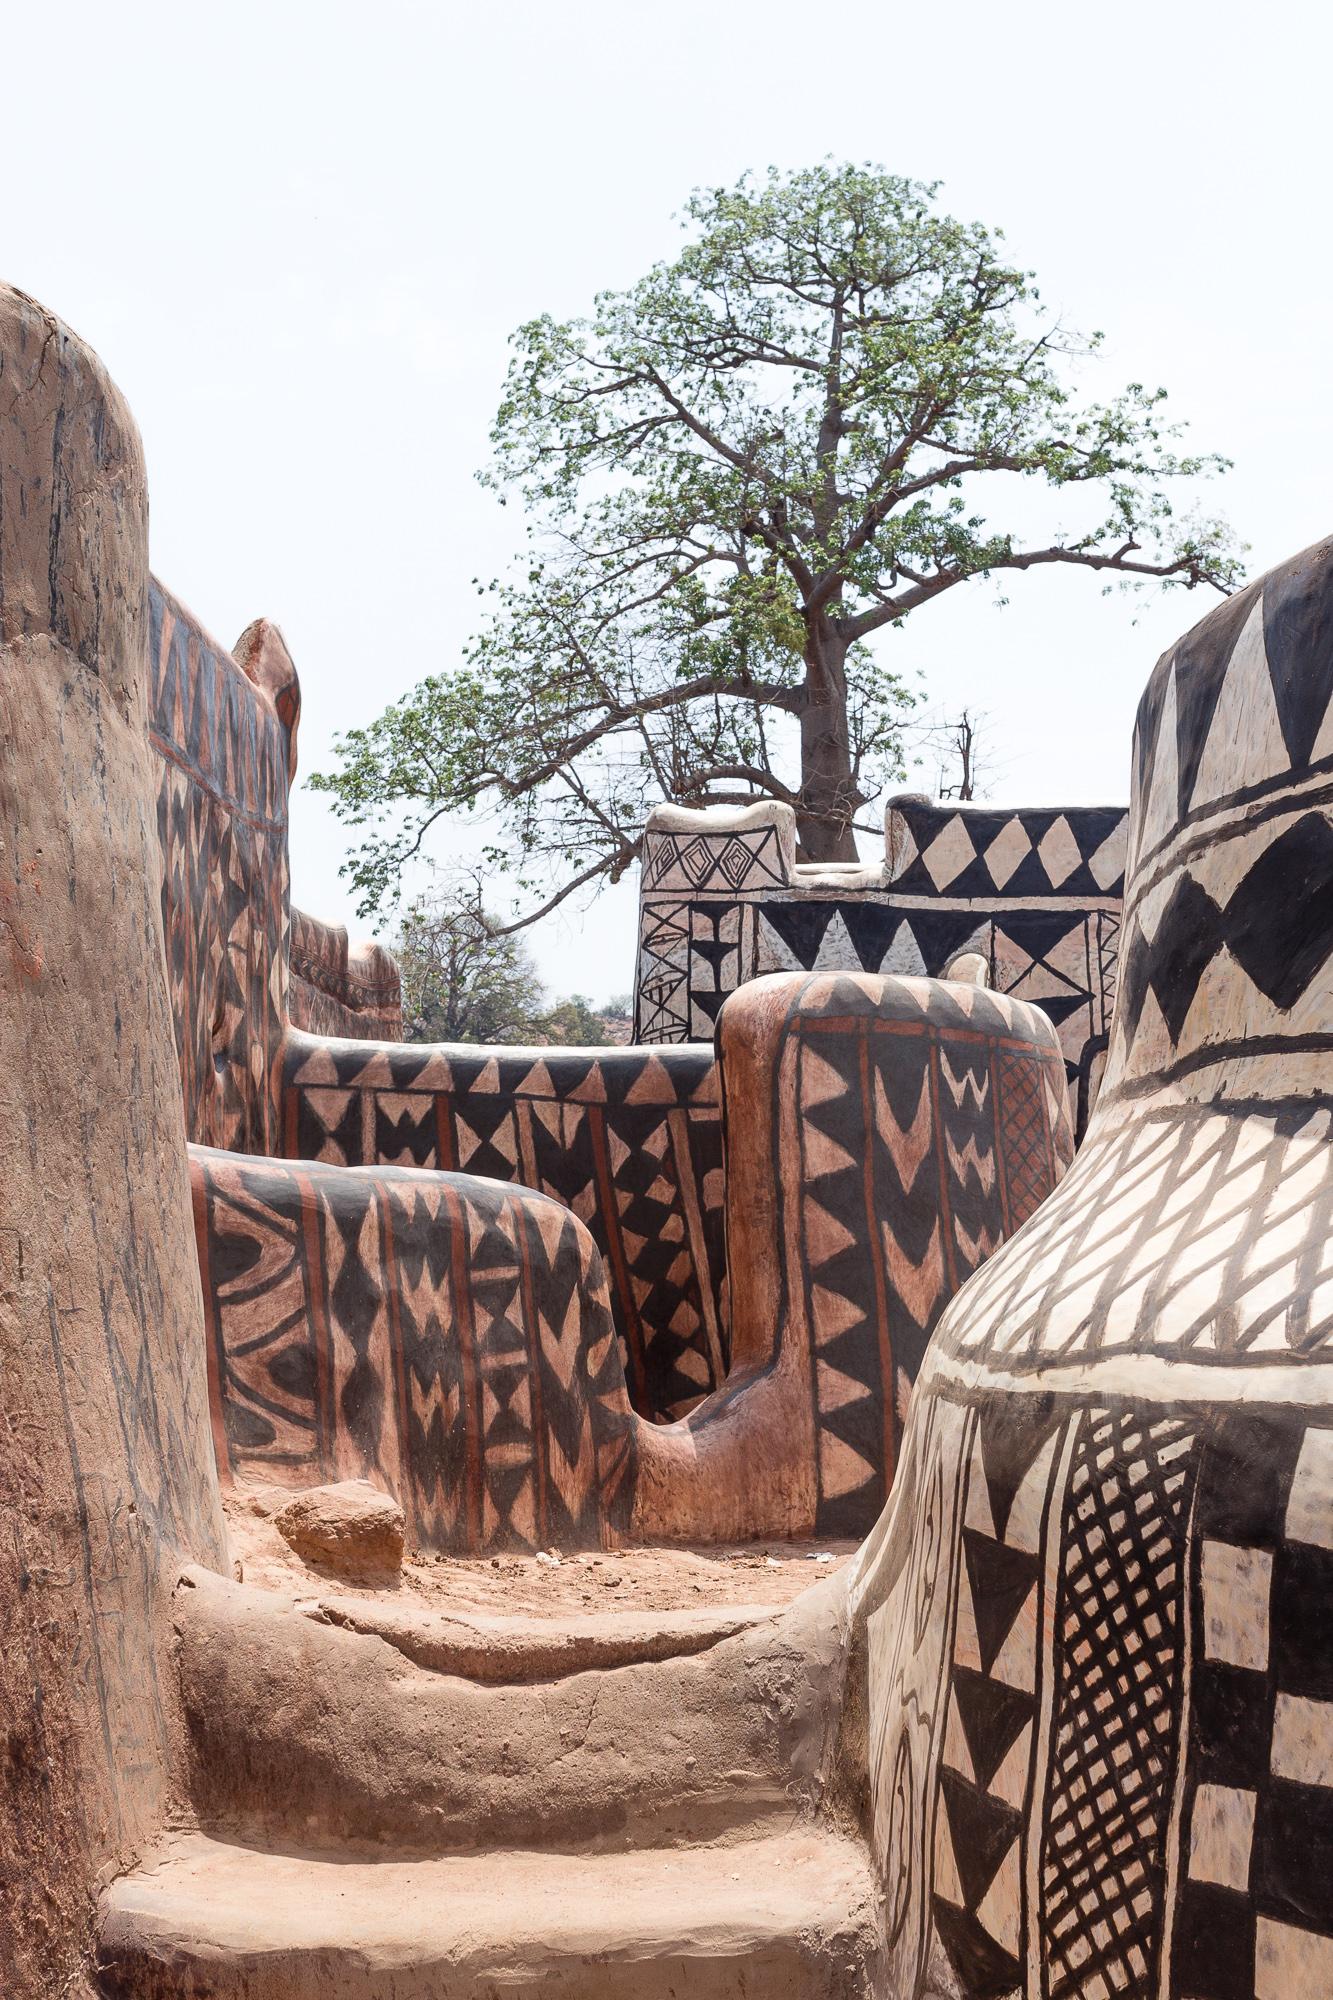 Cases décorées de la cour royale de Tiébélé et arbre au loin, Burkina Faso